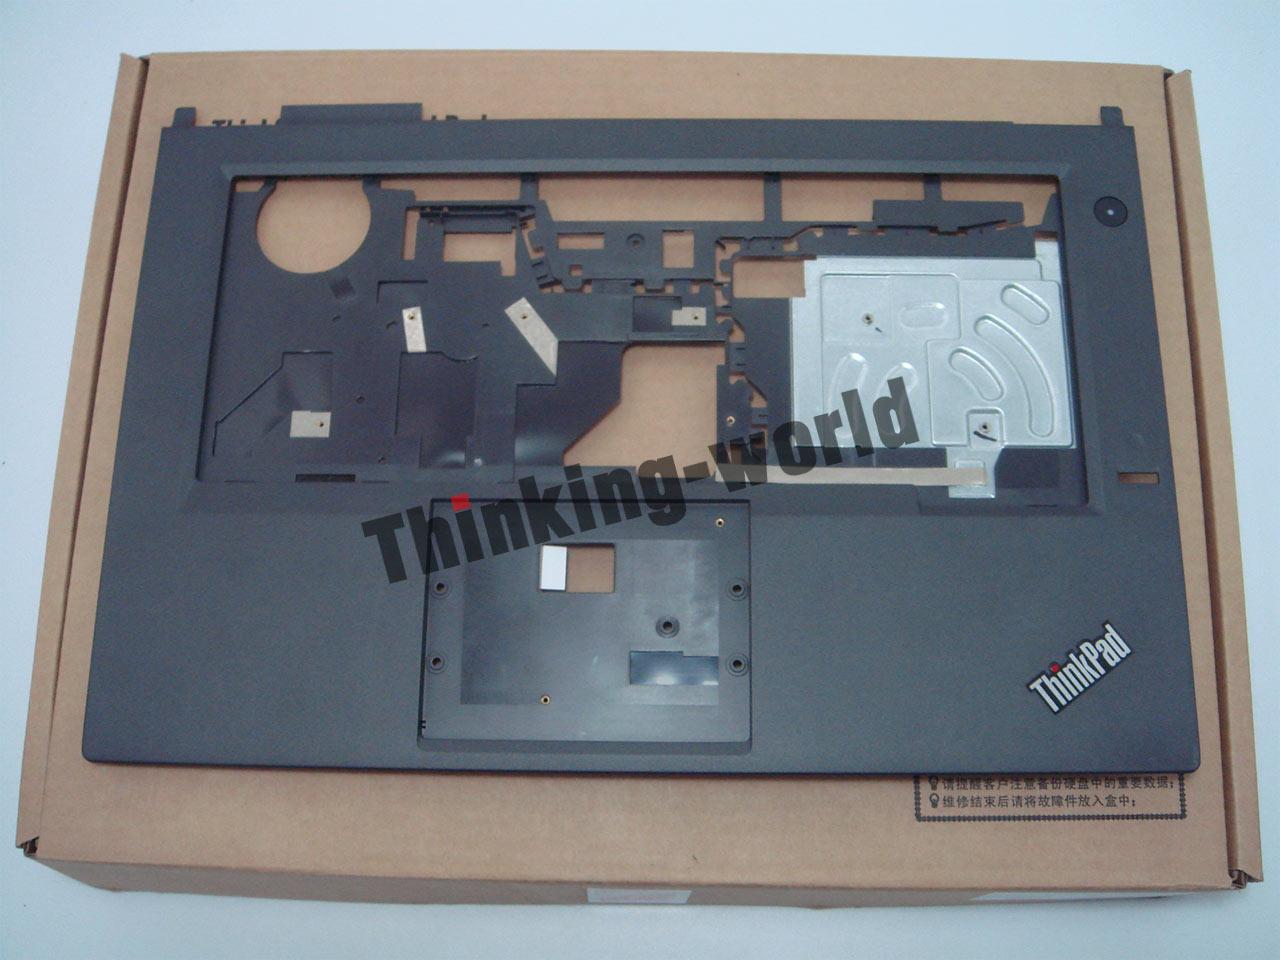 Genuine Lenovo ThinkPad L440 Palmrest TouchPad W//FPR 04X4842